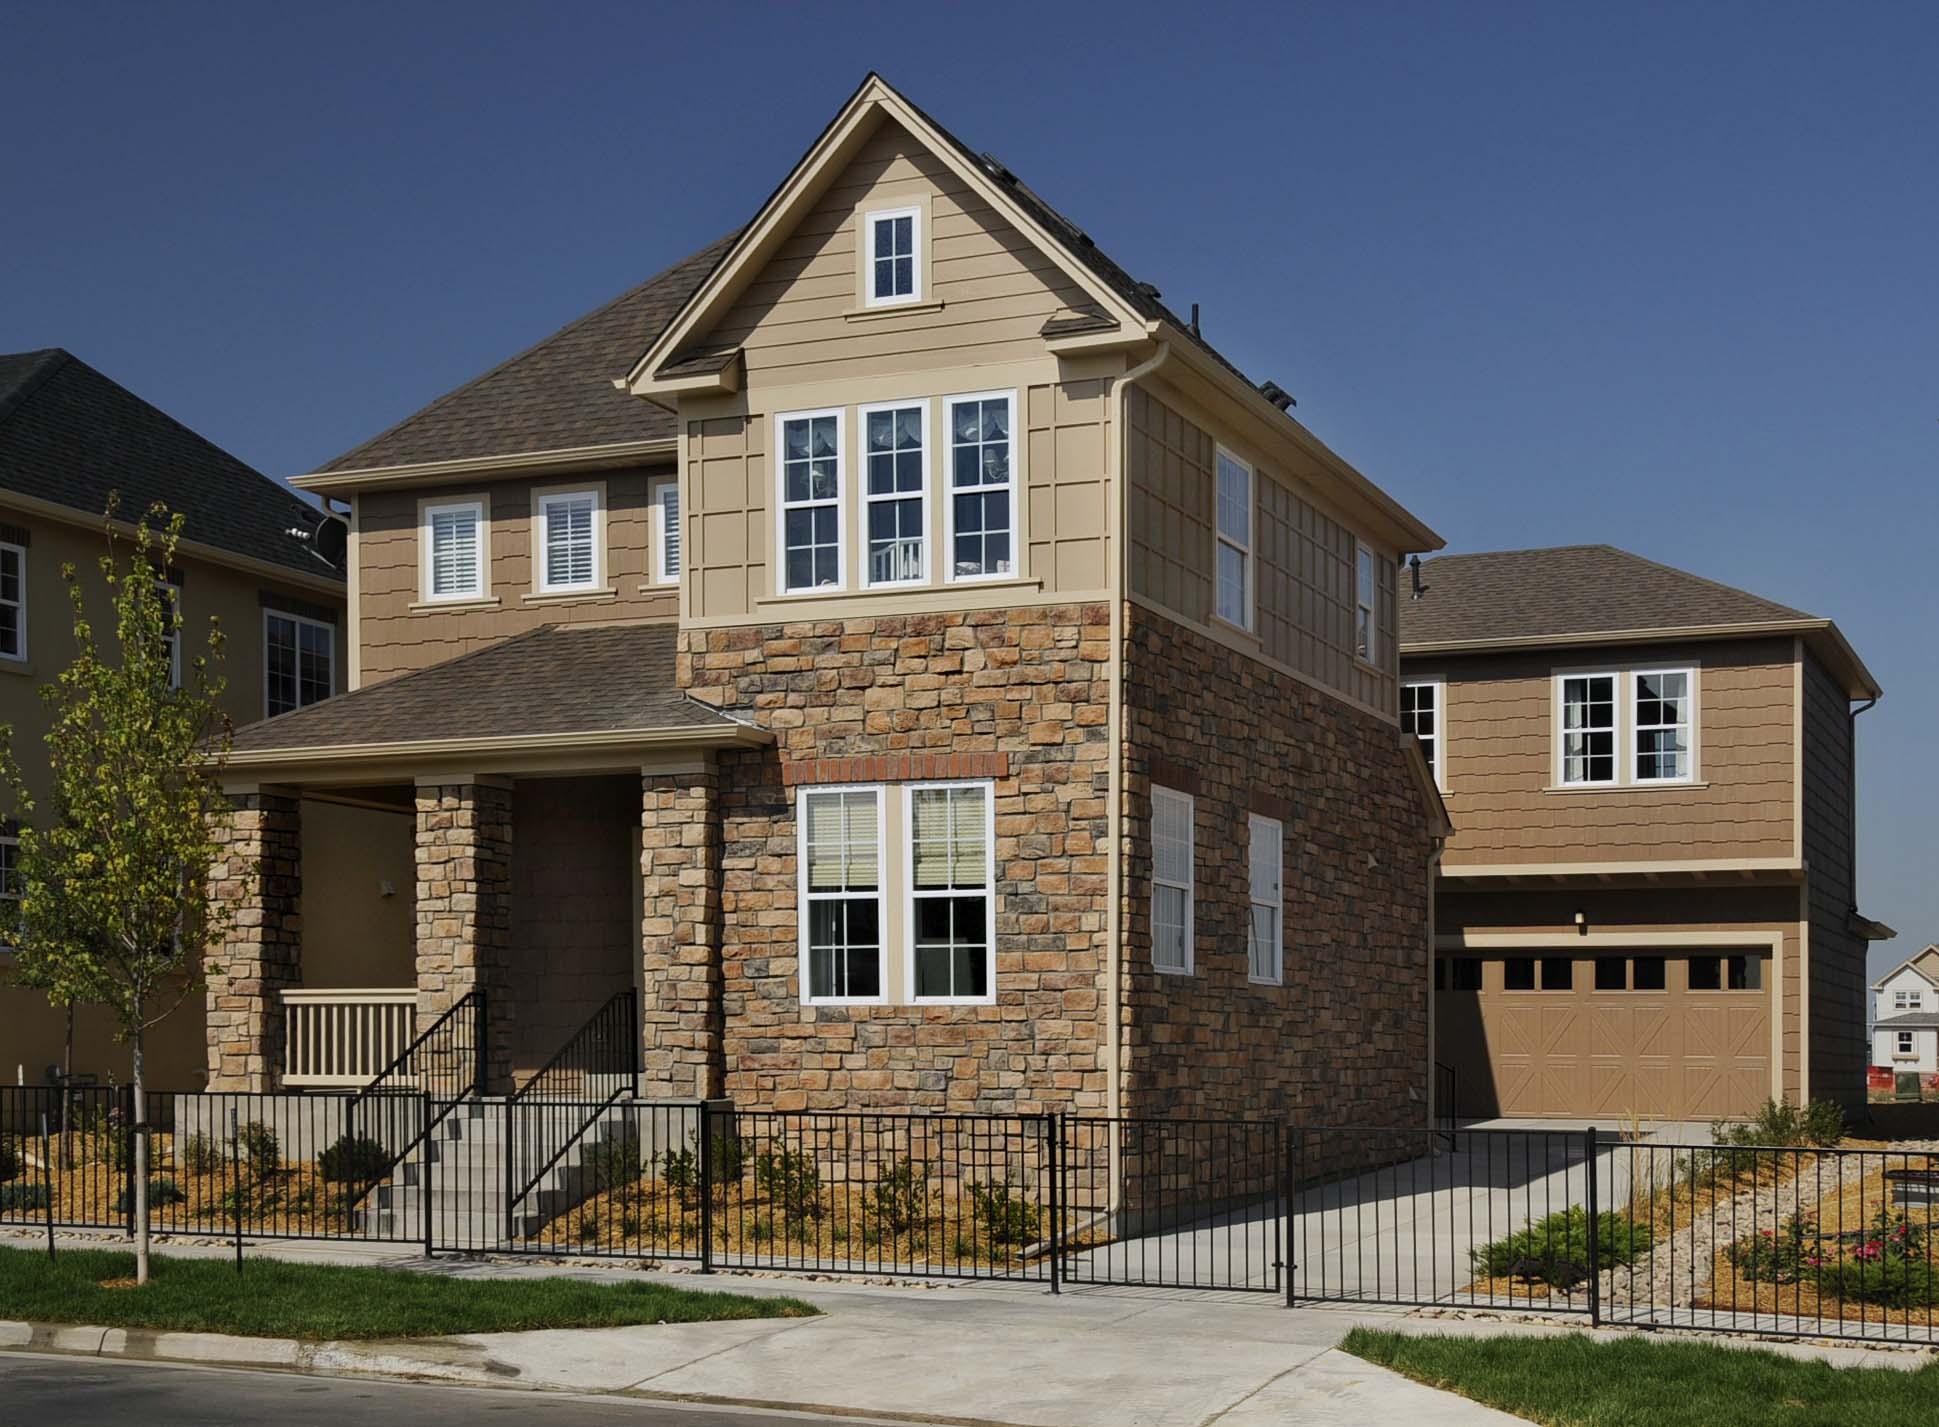 John laing homes stapleton home builders new homes in for Stapleton builders